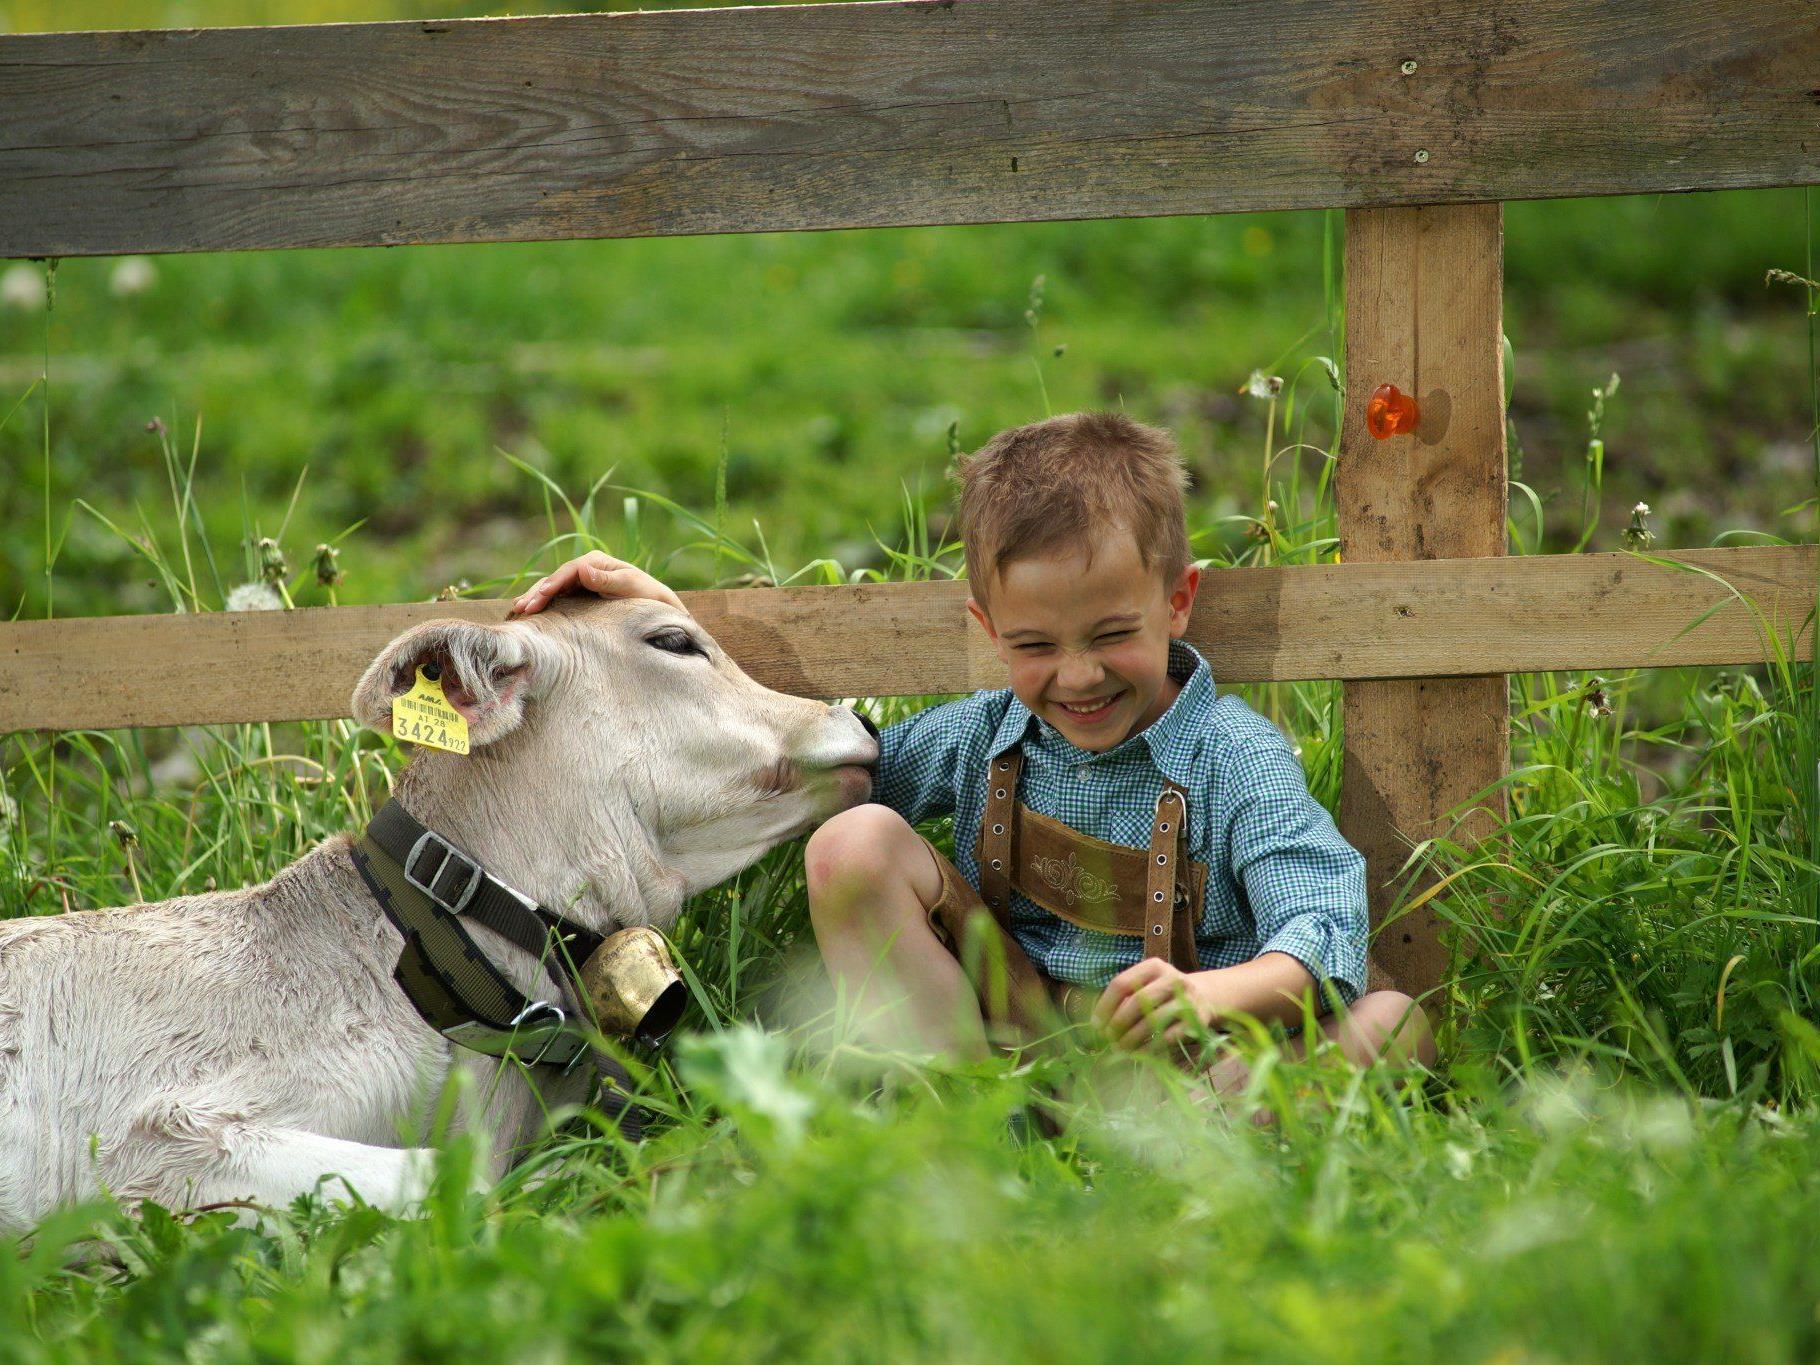 Max und sein neuer bester Freund freuen sich auf das sonnige Pfingstwochenende.